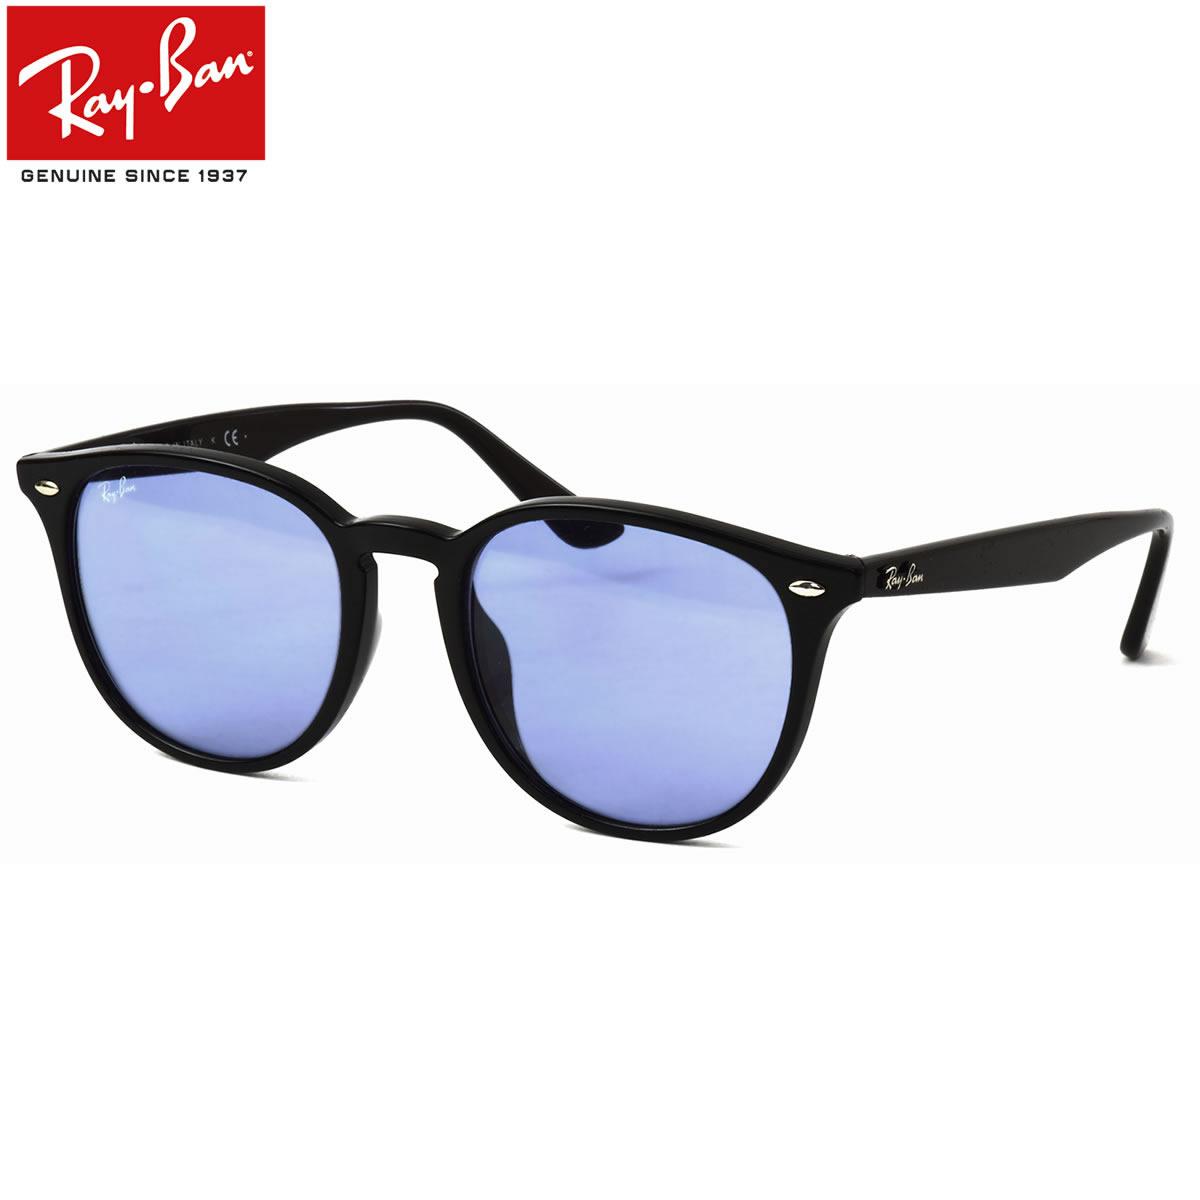 Ray-Ban レイバン サングラス RB4259F 601/80 53サイズ 国内正規品 WASHED LENSES ウォッシュドレンズ フルフィット ライトカラーレンズ 黒縁 メンズ レディース